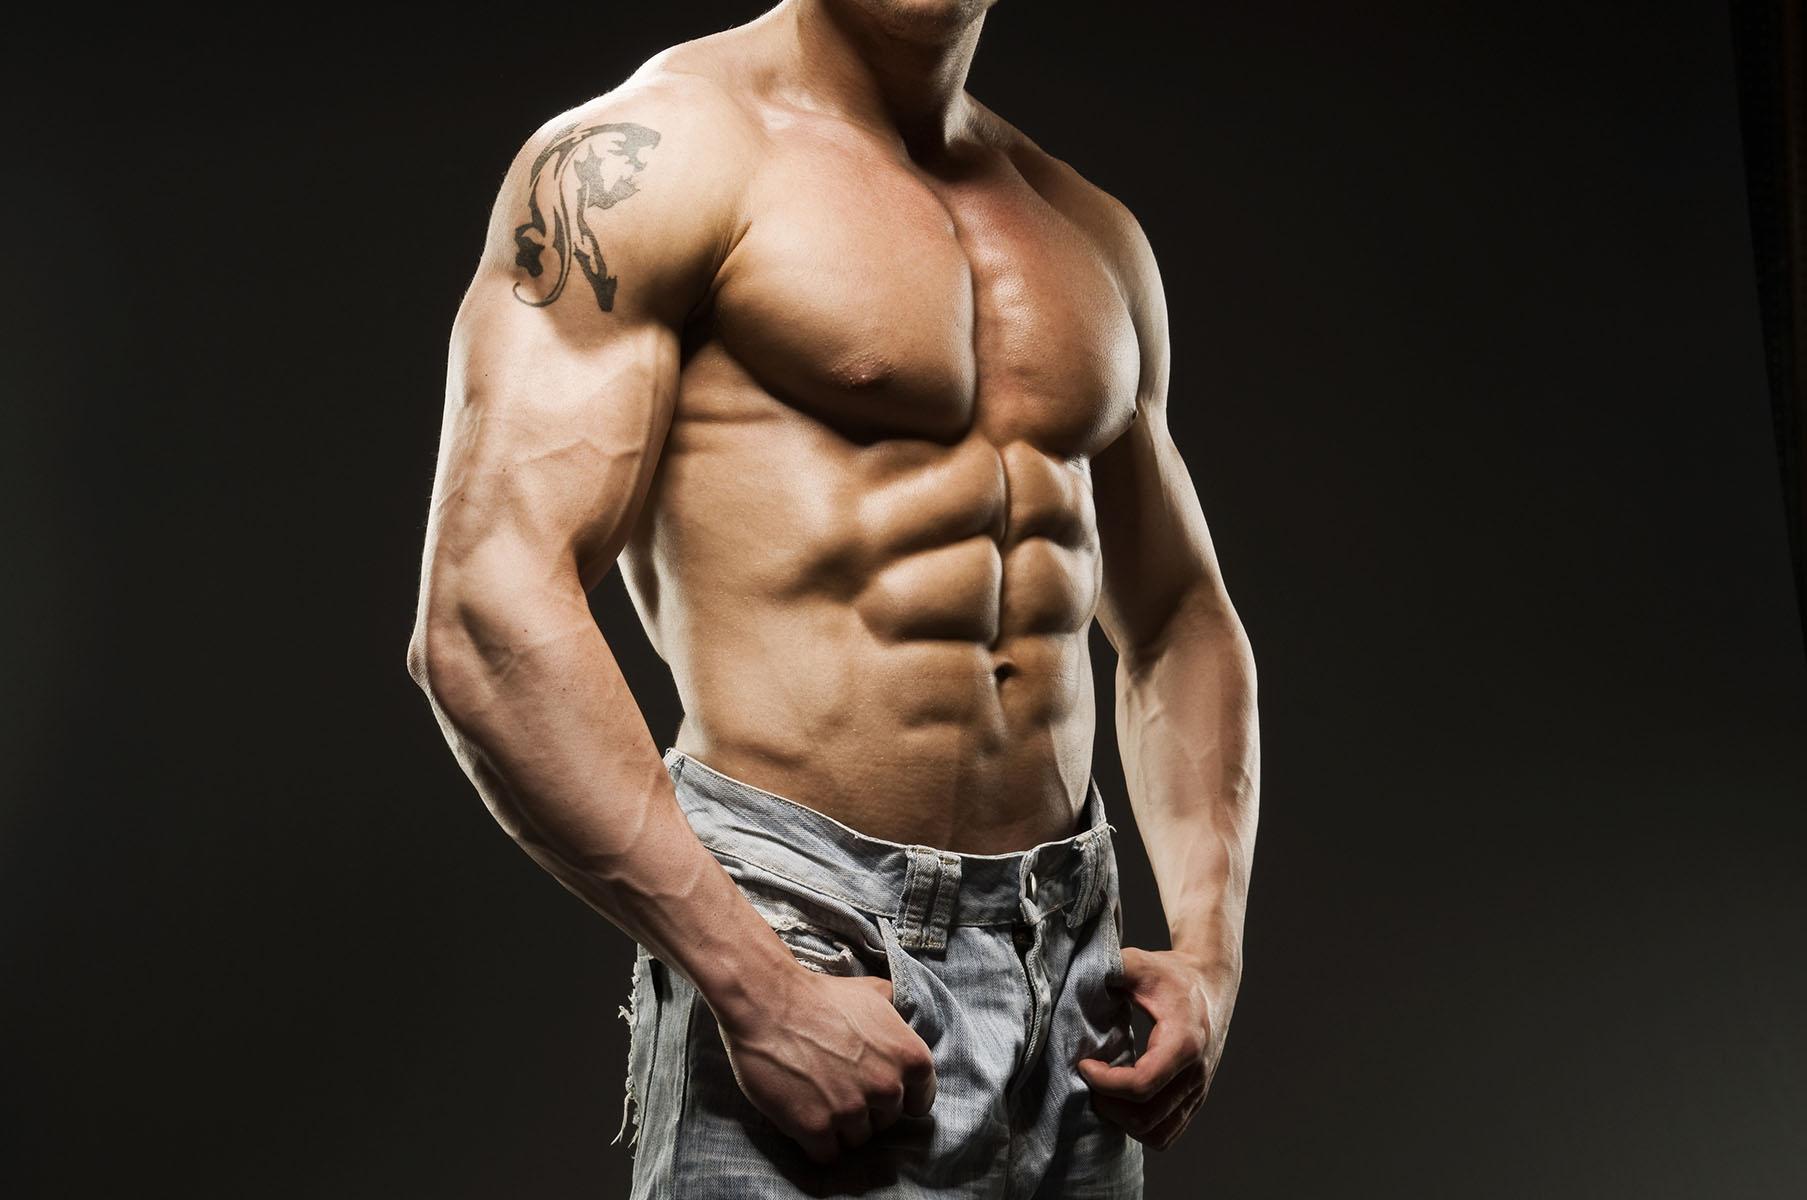 Muscular Male Torso in blue jeans